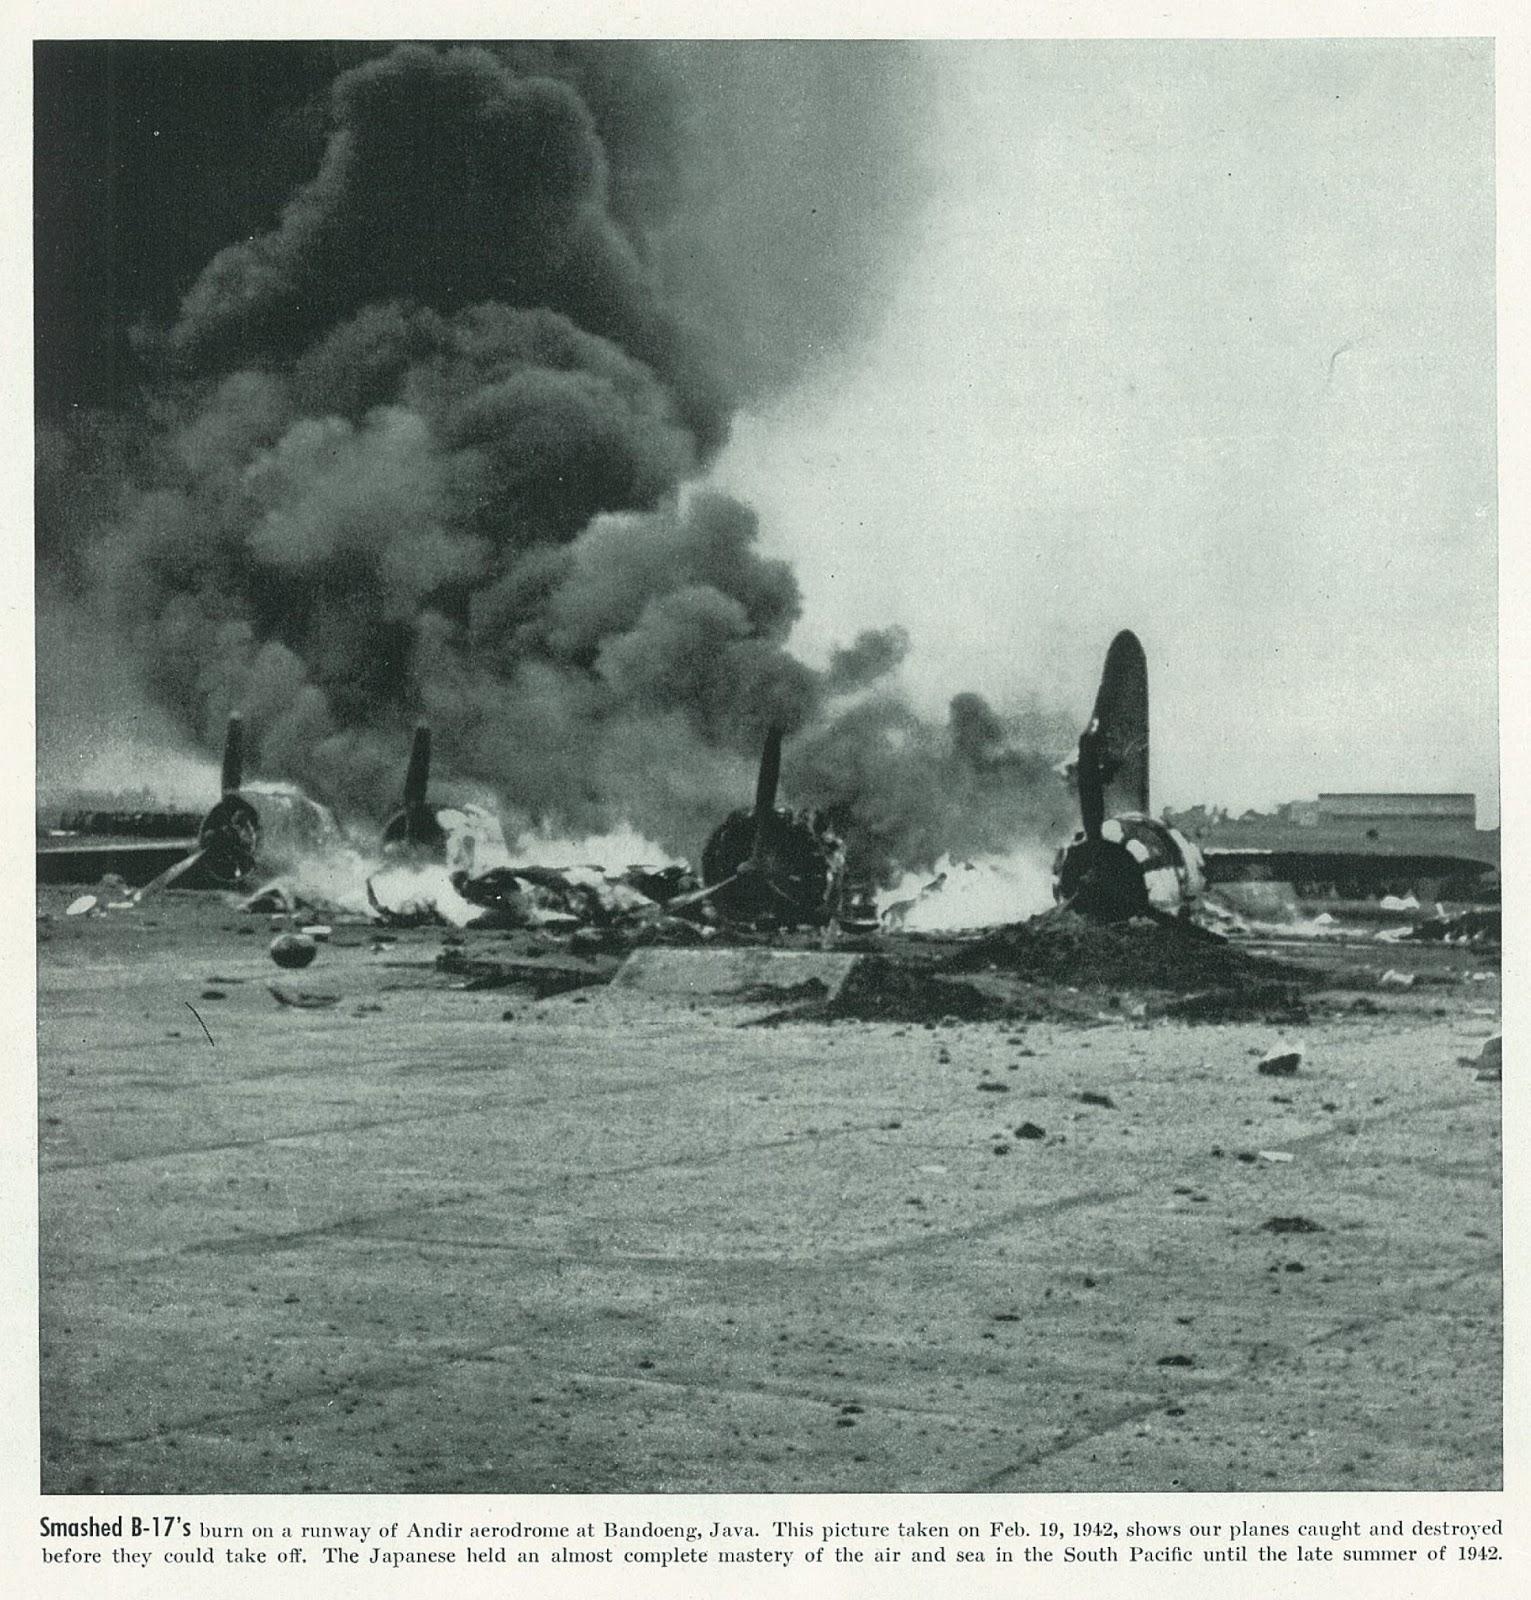 Smashed B-17s Andir 19-02-1942